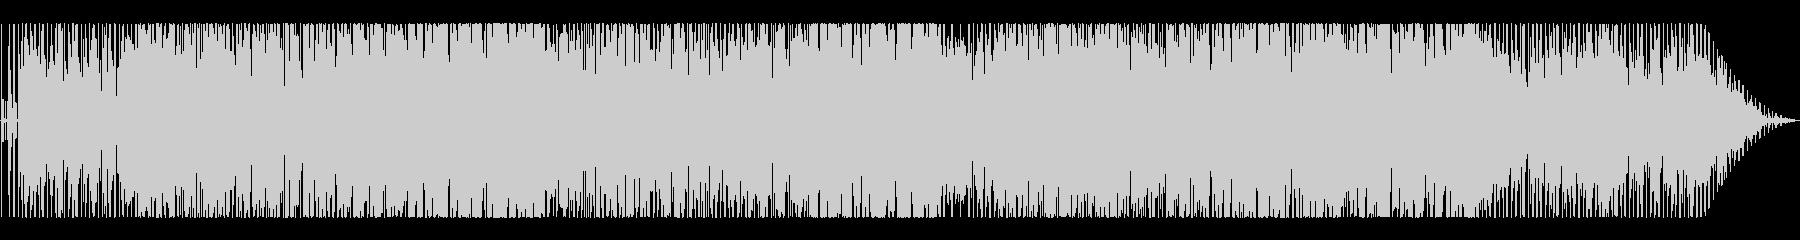 ヒップホップの姿勢で滑らかなR&B...の未再生の波形